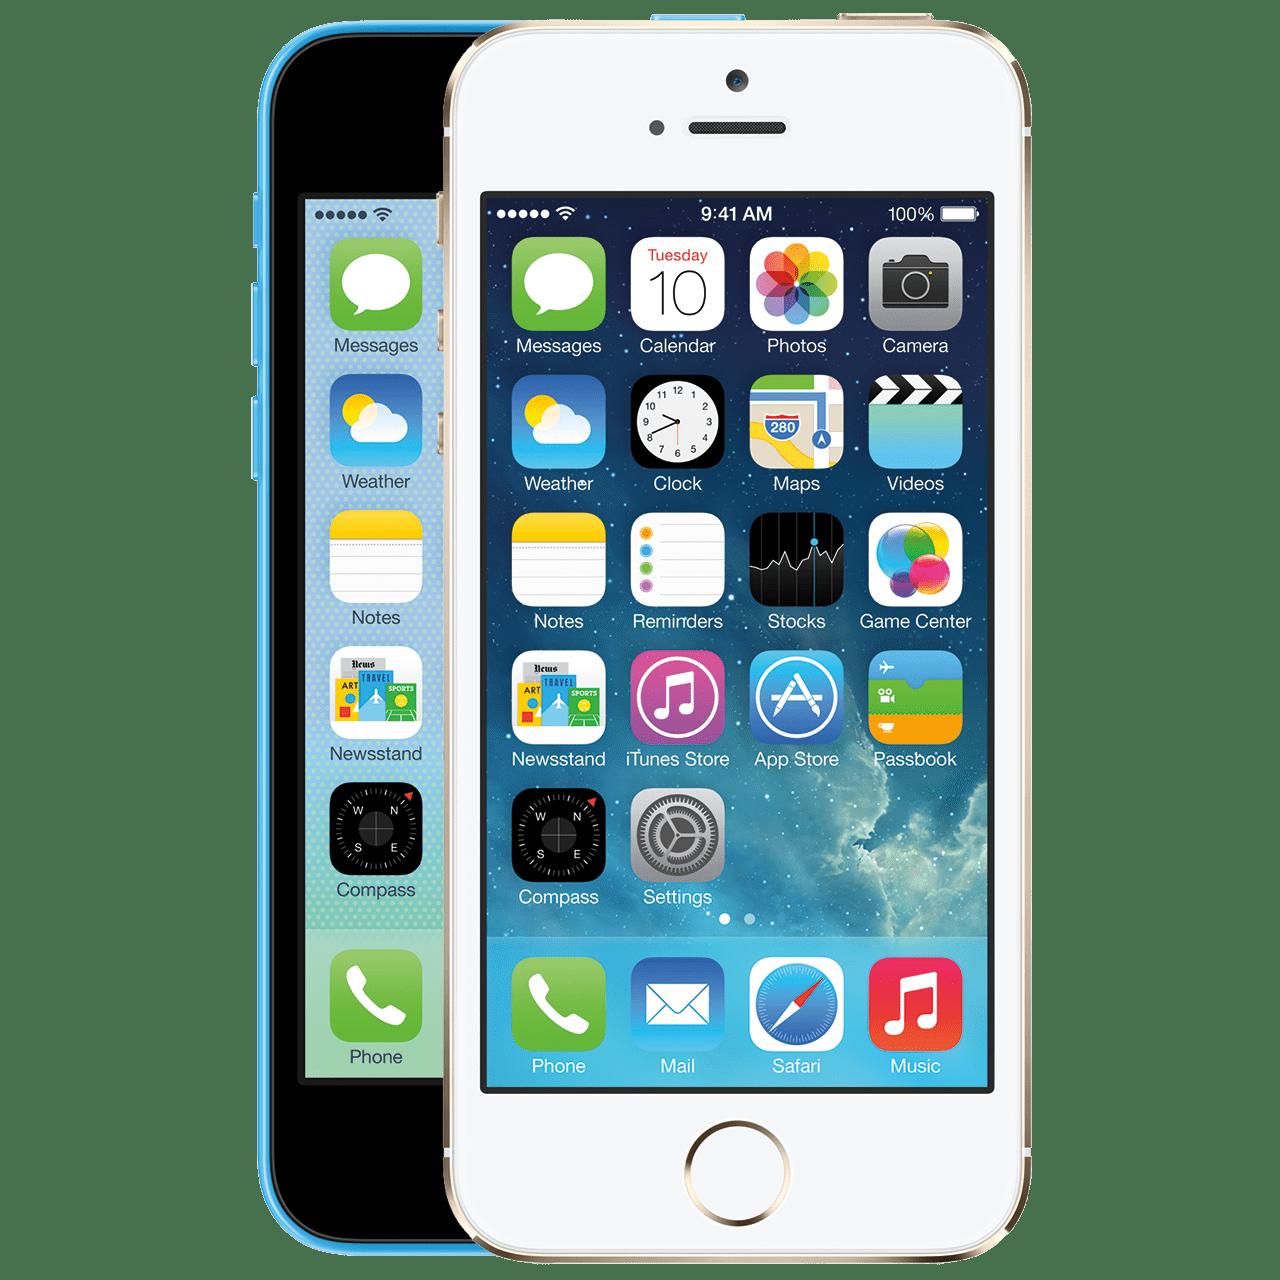 iPhone 5S e iPhone 5C: come si comportano con le cadute? [Video]